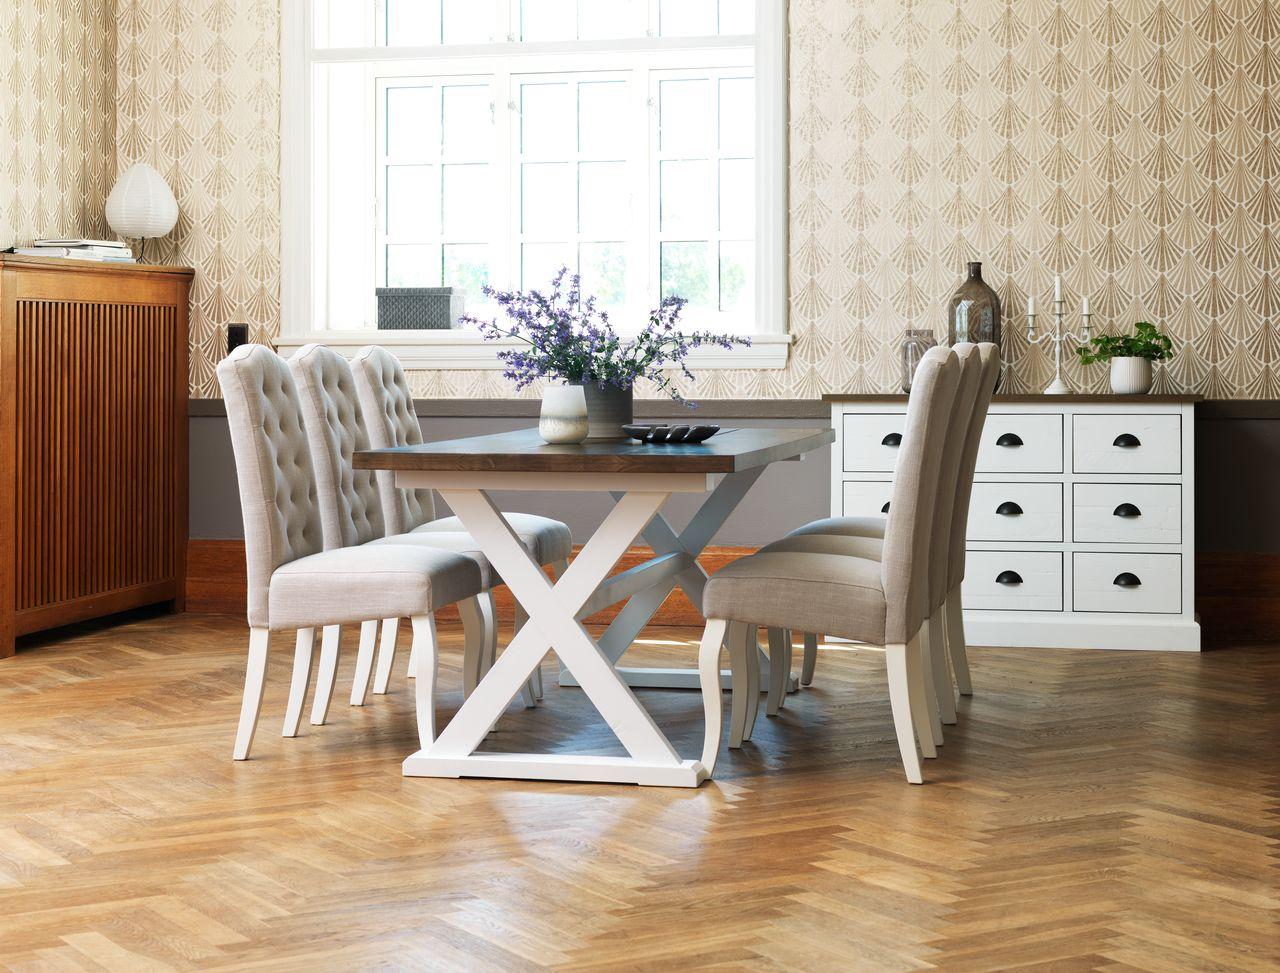 Witte Eetkamer Stoel : Landelijke eetkamerstoel vasco in vele kleuren bankstyle